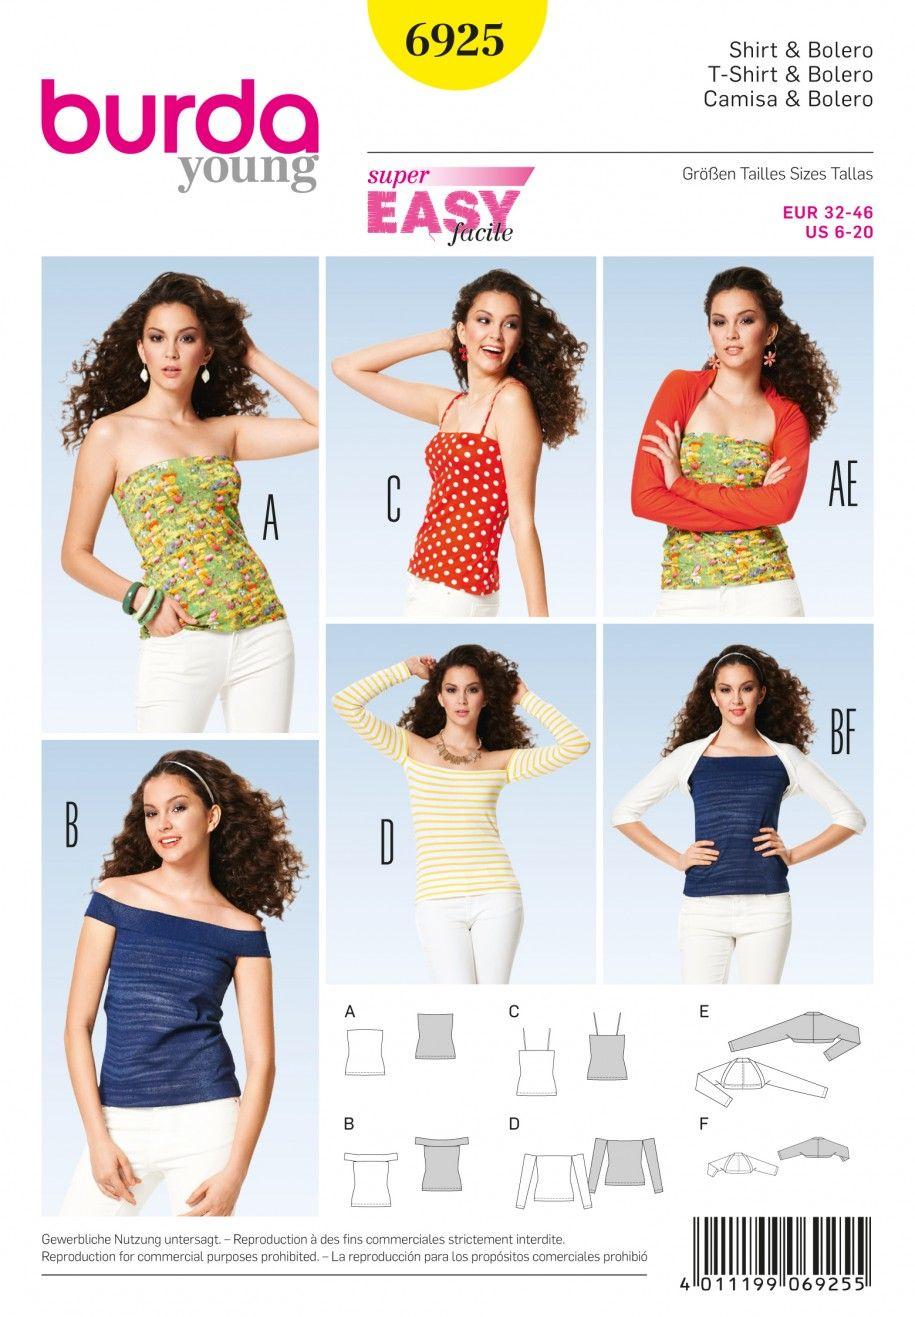 Burda b6925 burda style tops shirts blouses sewing pattern burda b6925 burda style tops shirts blouses sewing pattern jeuxipadfo Choice Image